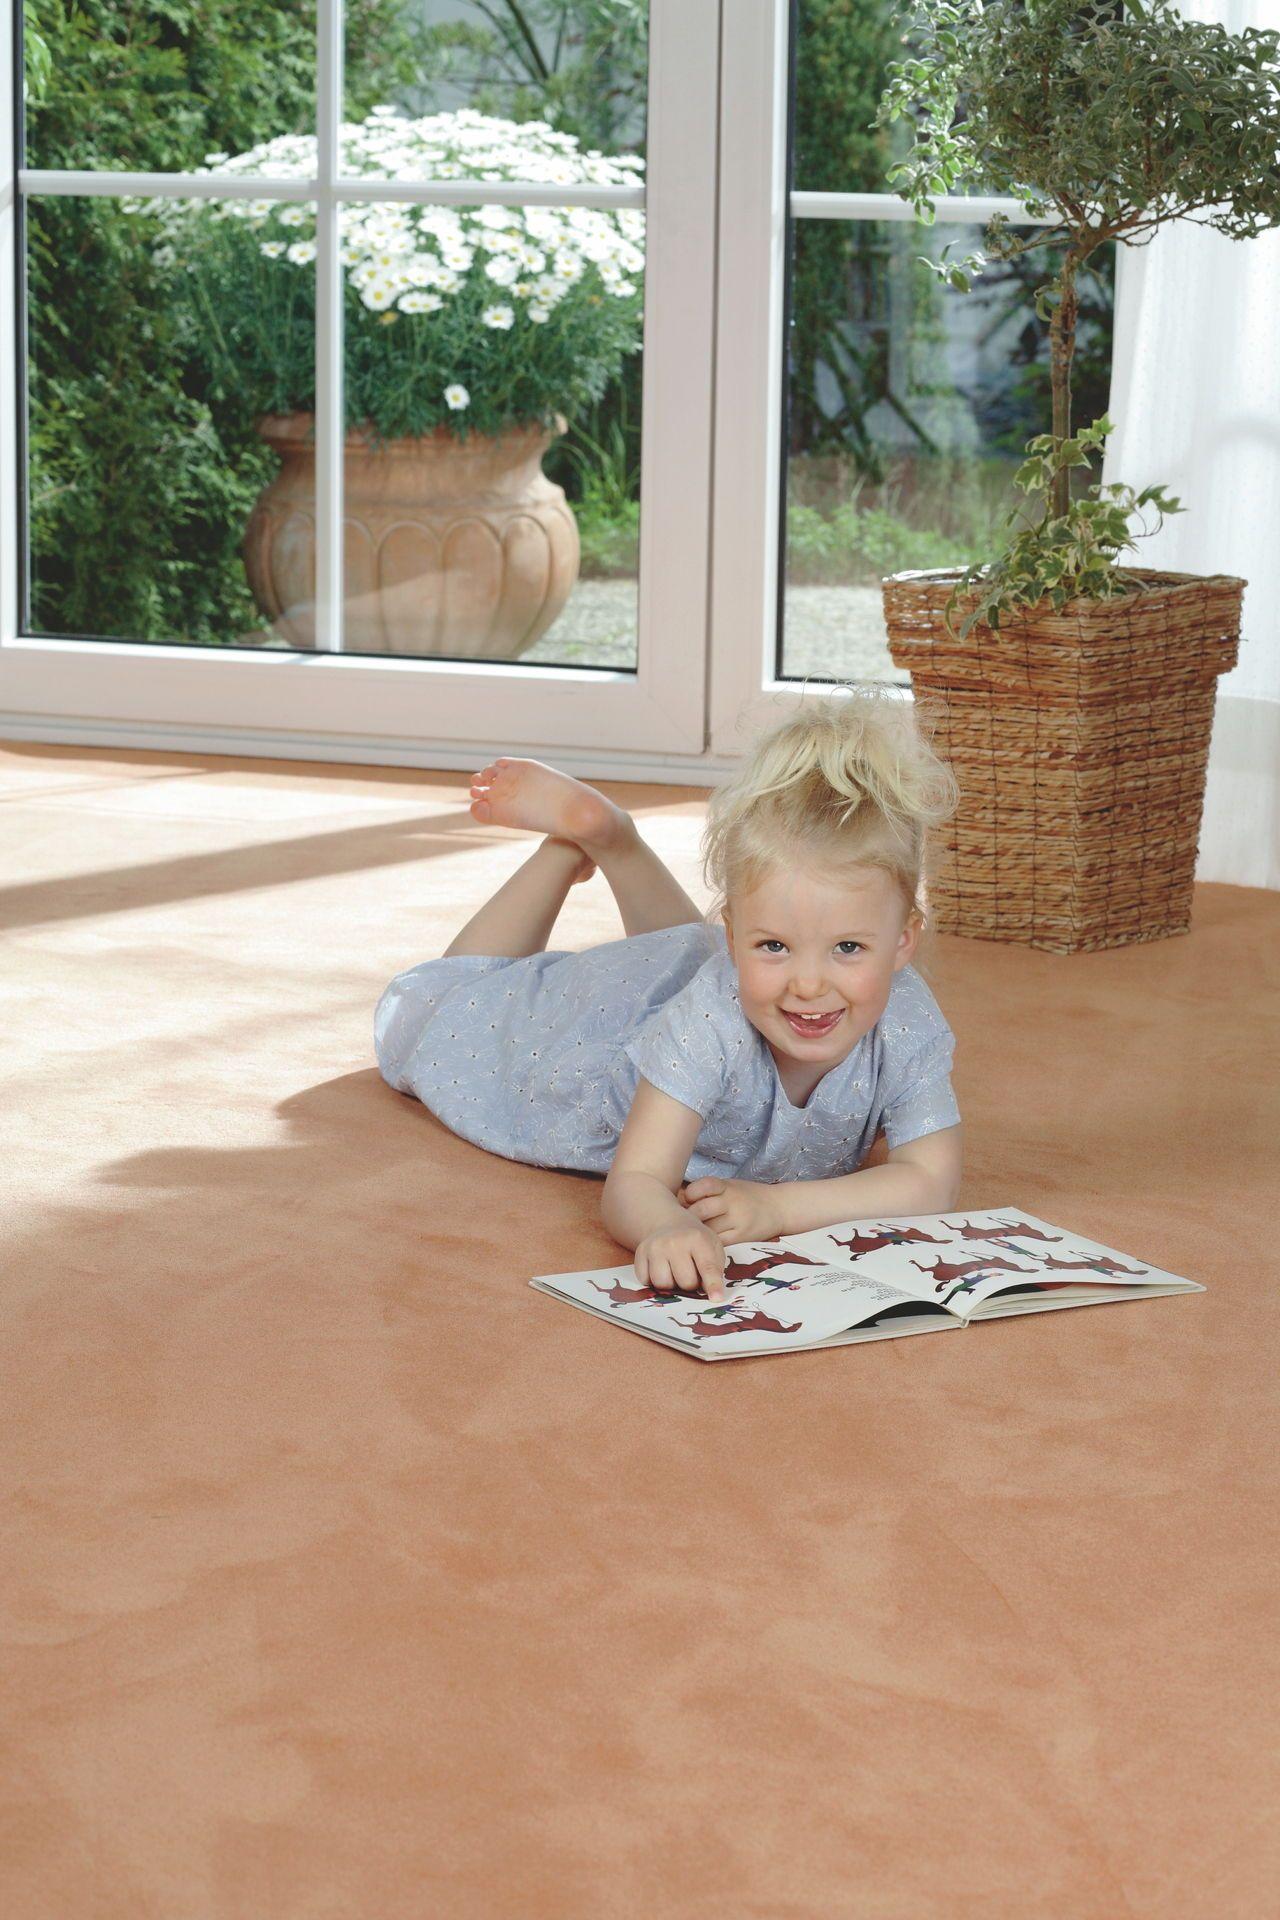 TeppichTricks mit Farben, Mustern und Formen  bauemotionde